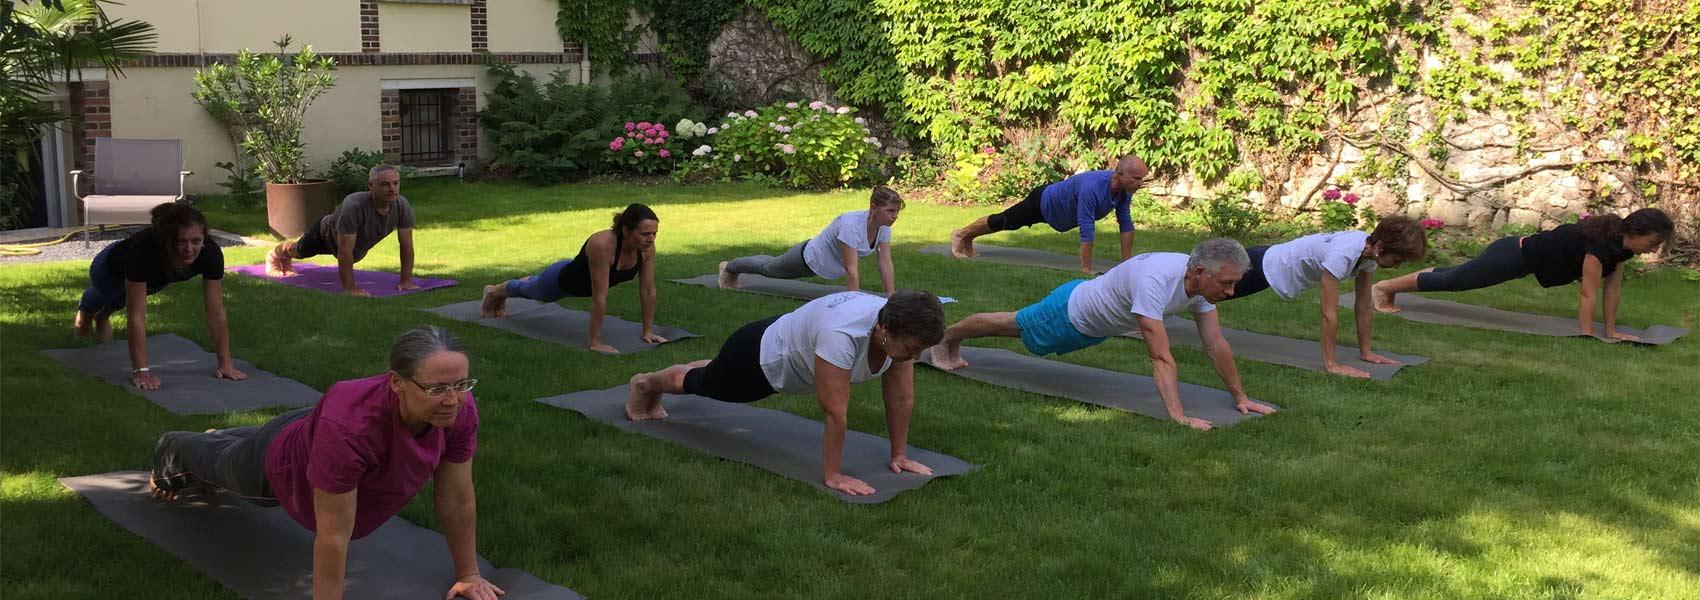 cours de yoga en exterieur à sens